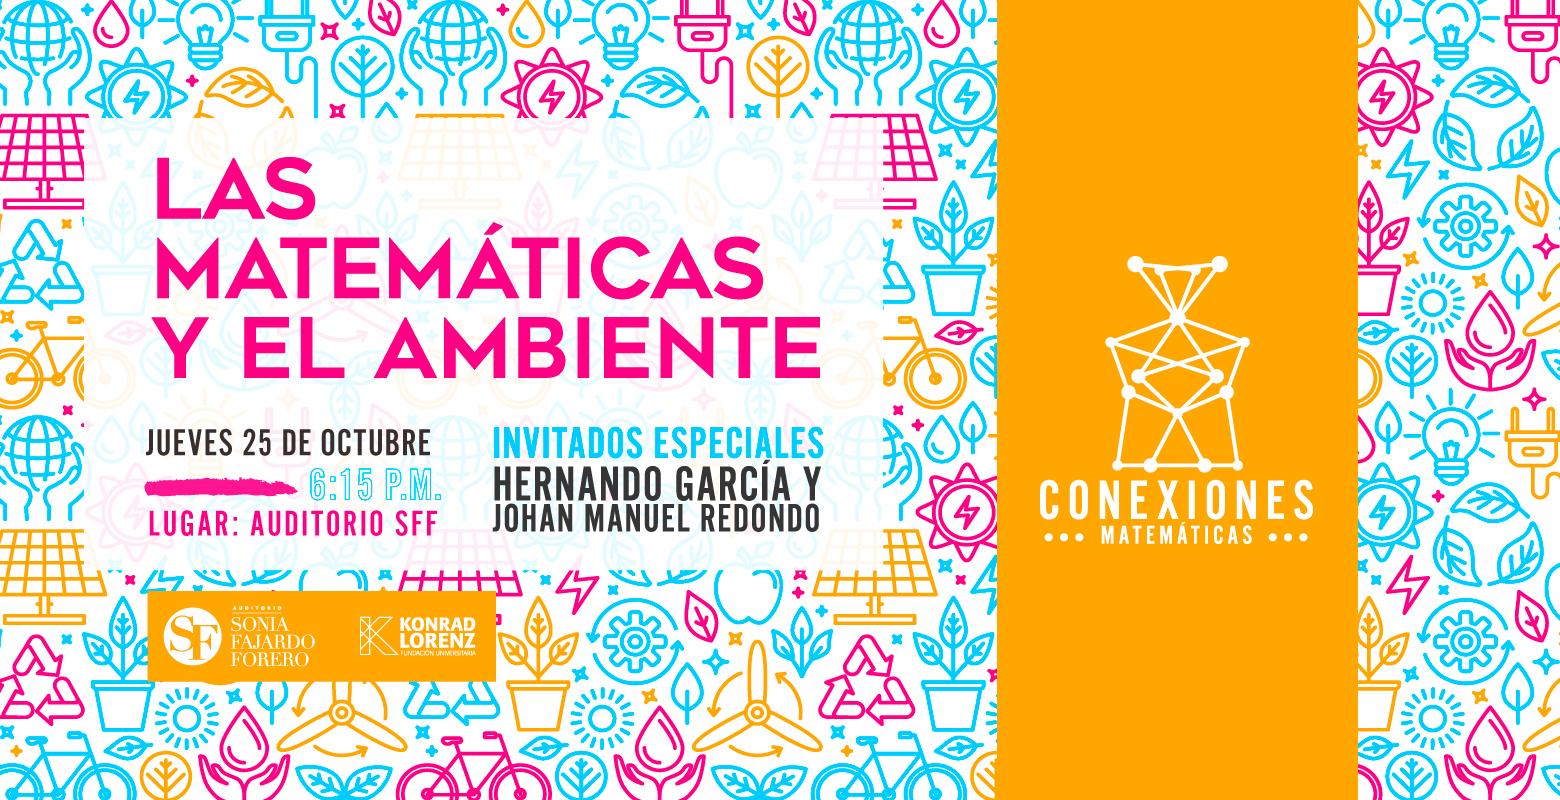 Ciclo Conexiones Matemáticas: